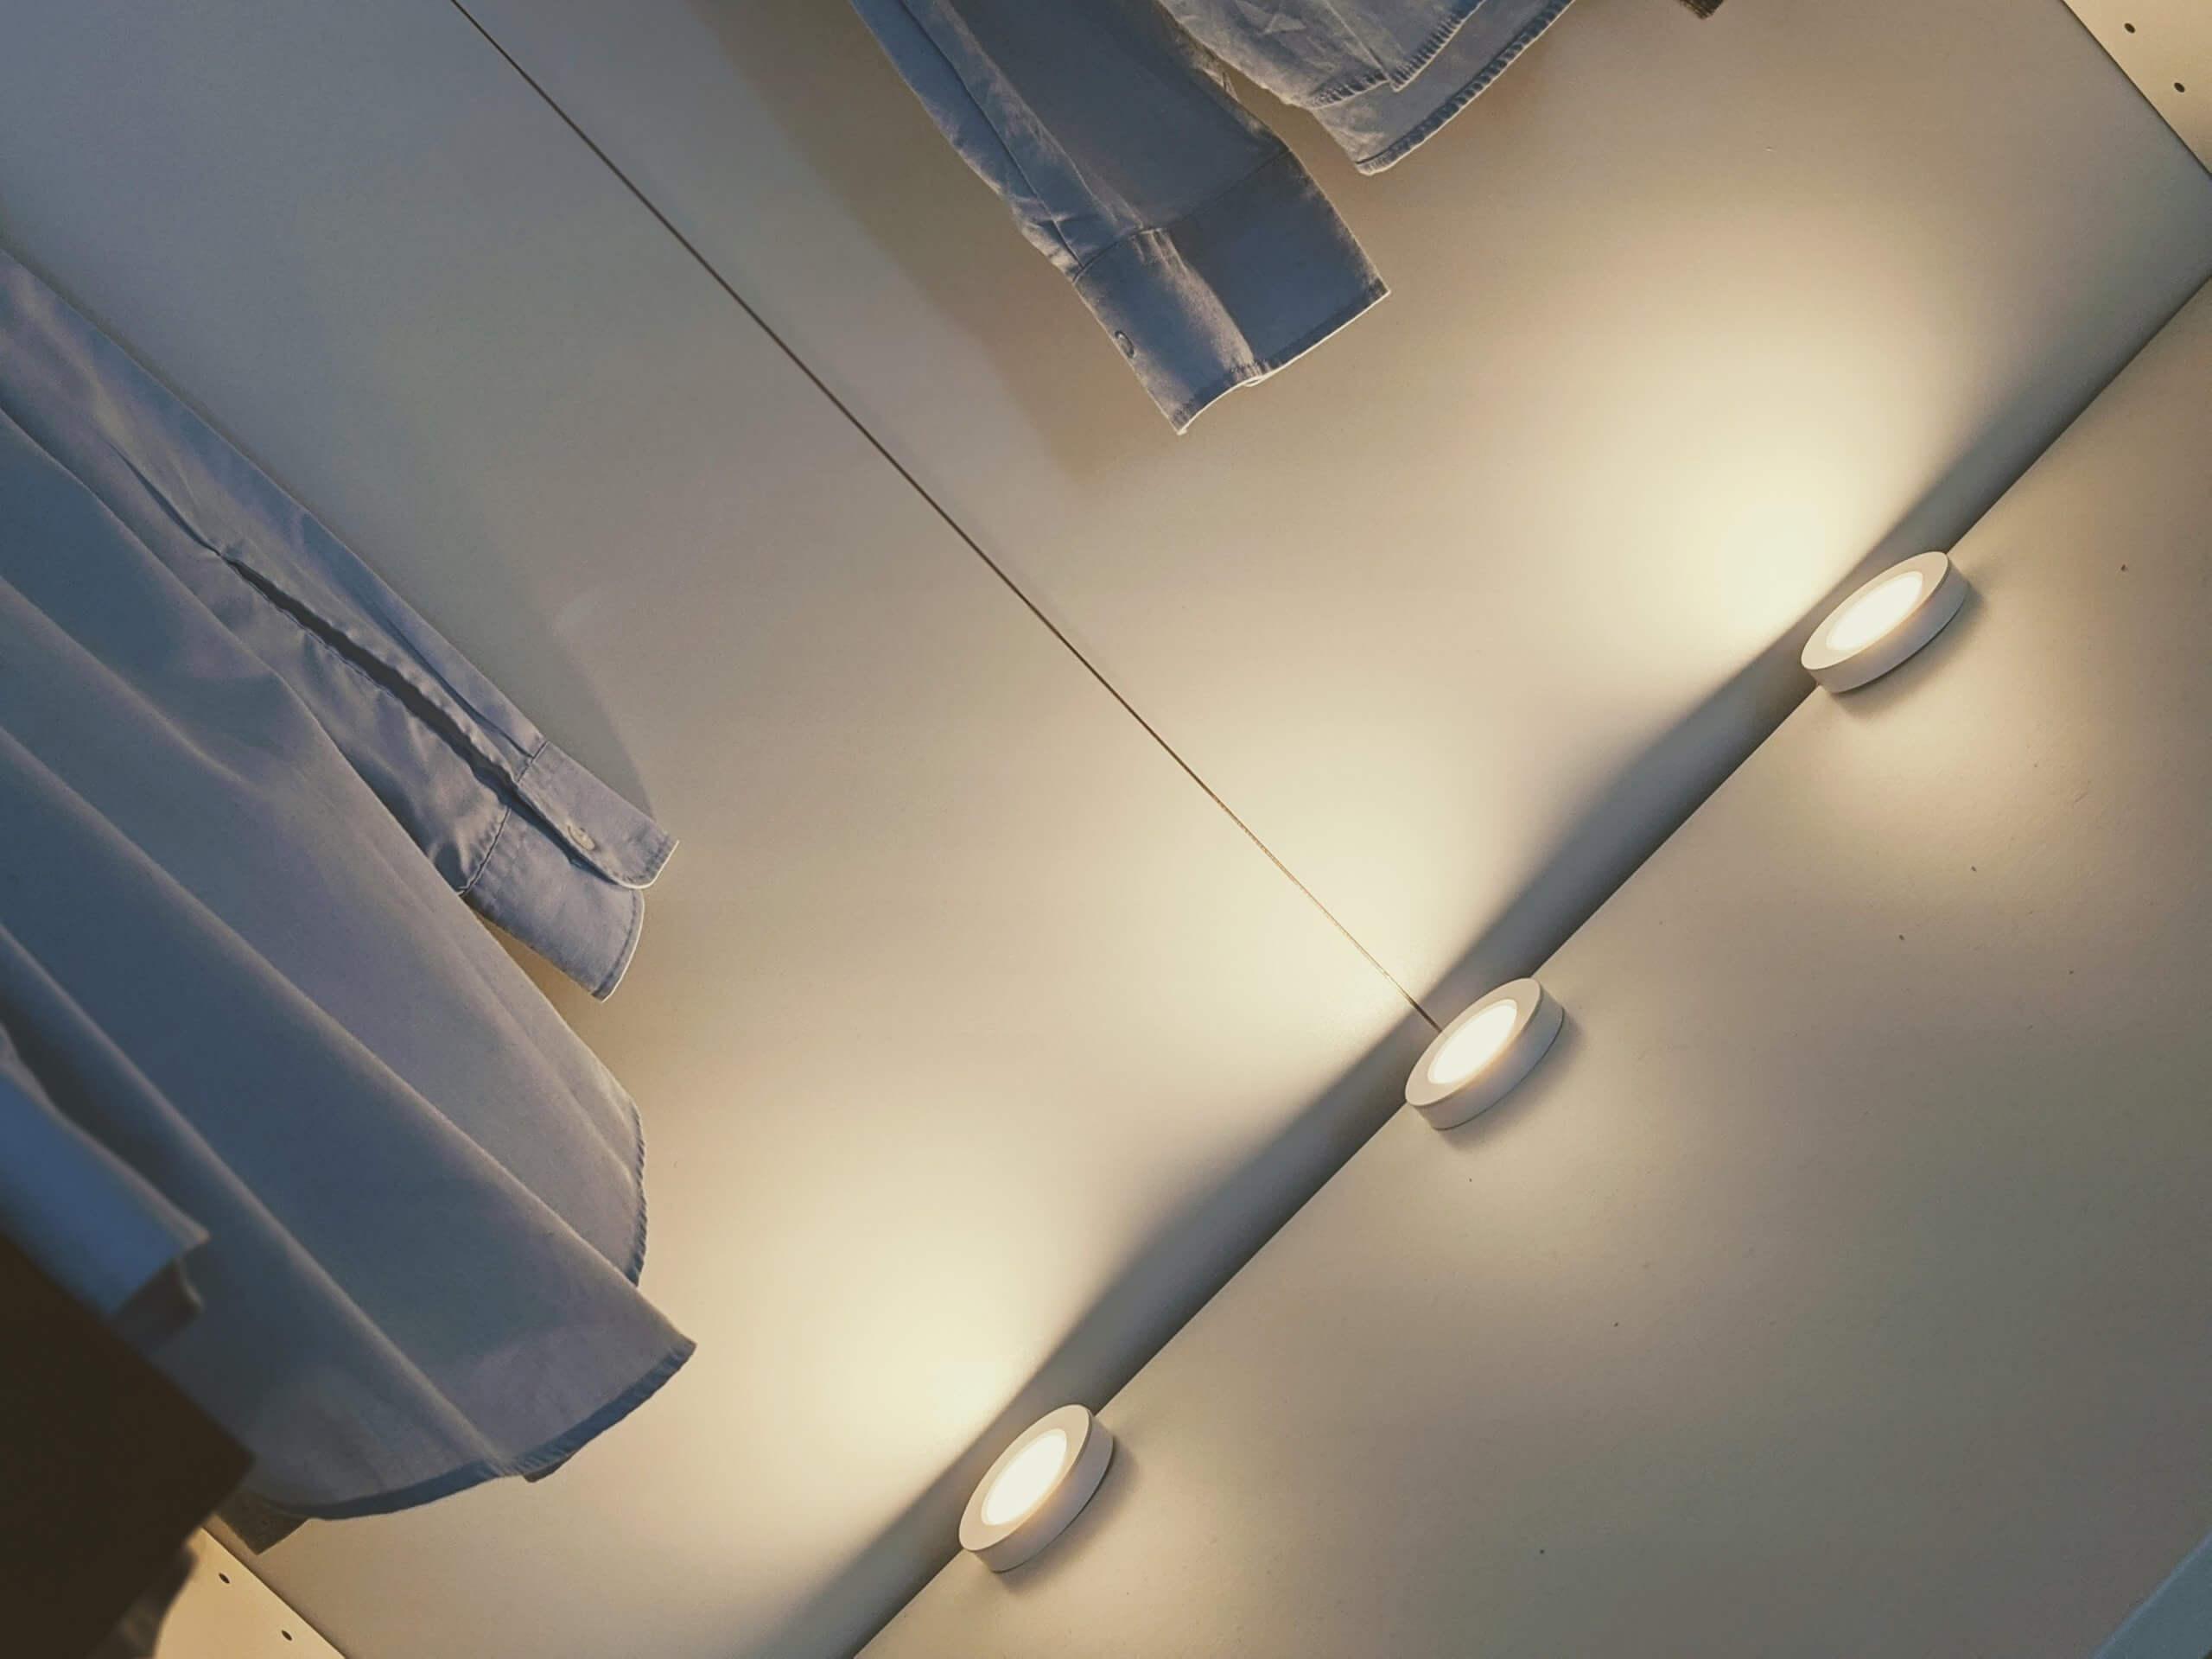 Innr Puck Lights - Philips Hue kompatible Spots für eine intelligente und flexible Schrankbeleuchtung 1